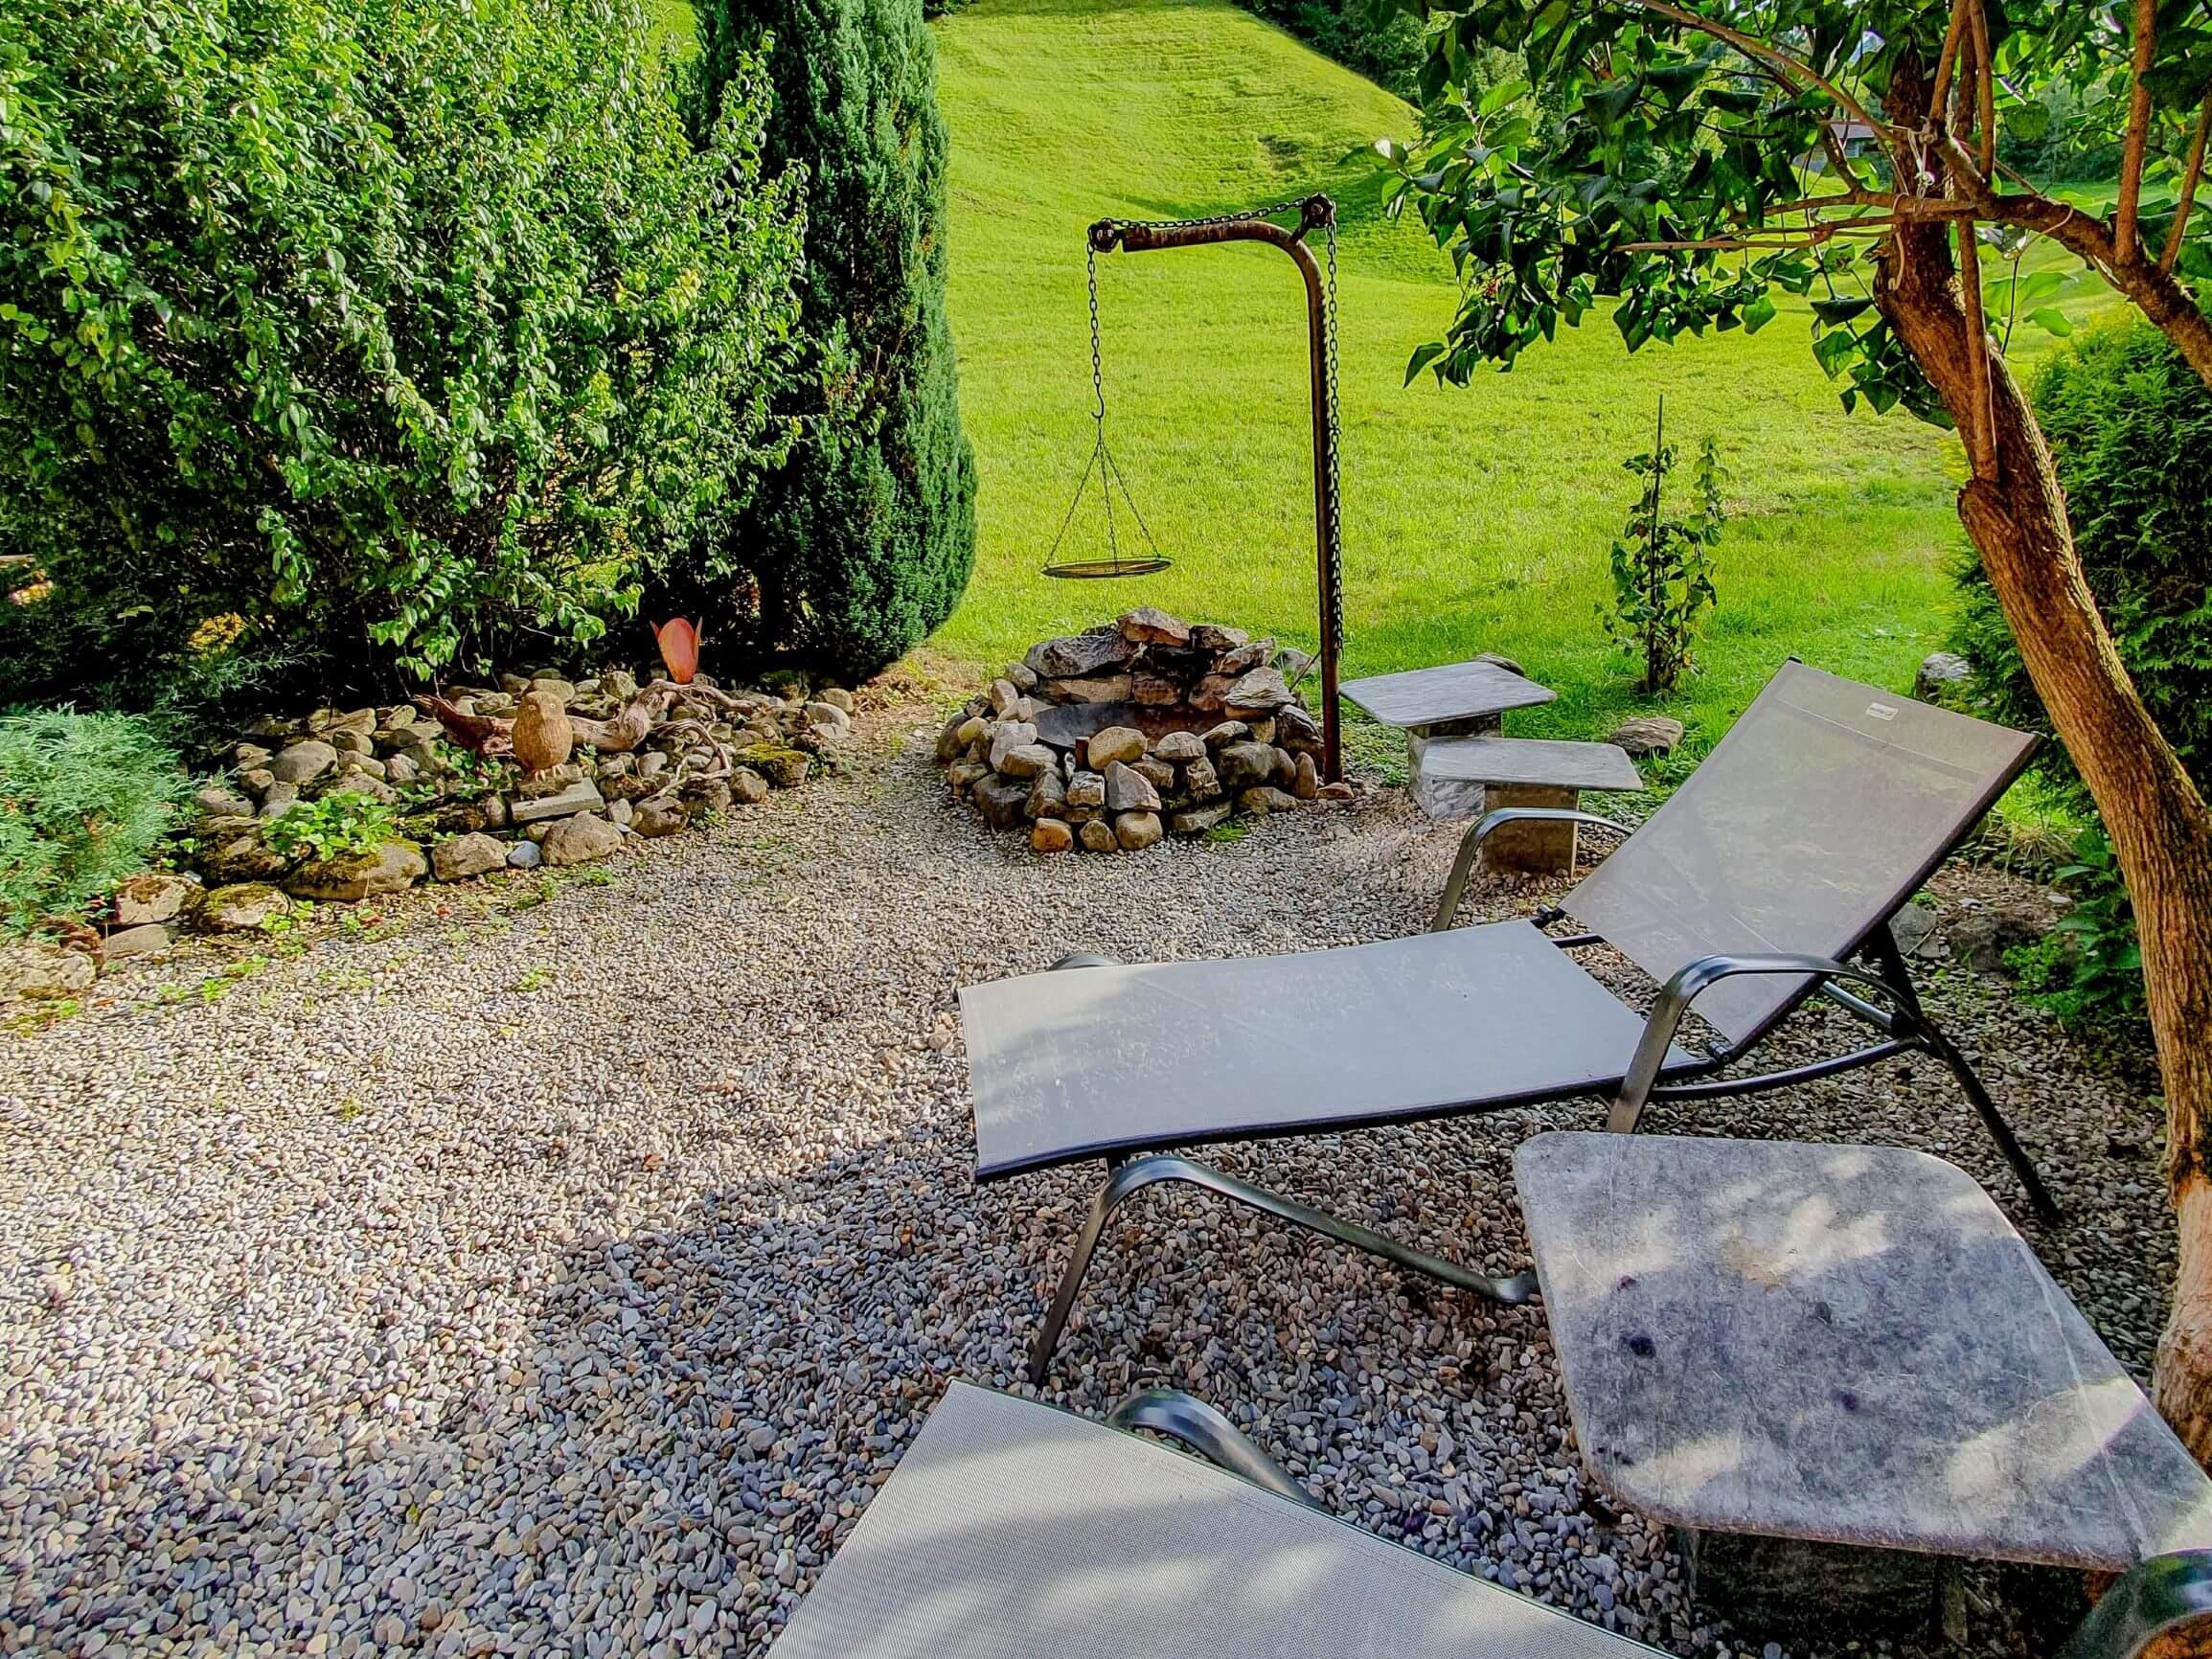 Garten mit Liege und Grill